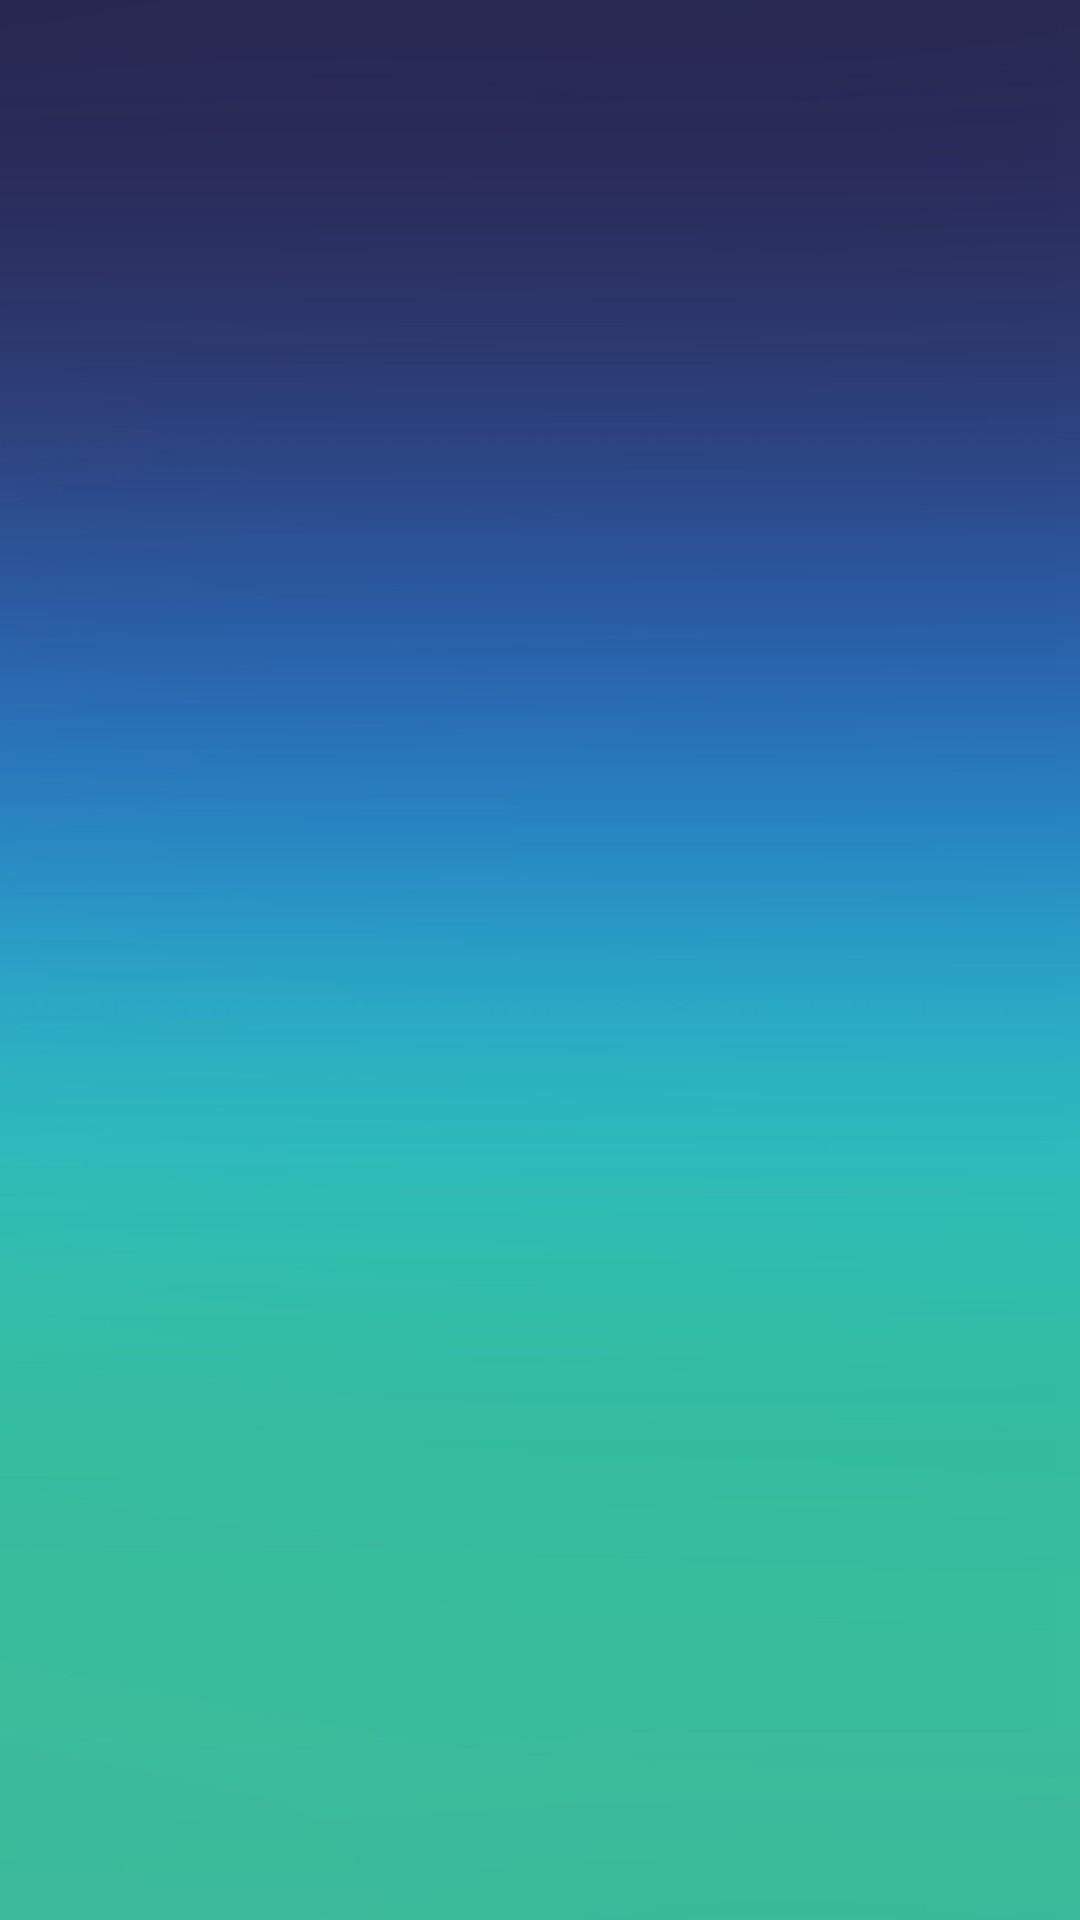 … lightbluebackgroundsiphone6wallpaper18232 abstractiphone6wallpapers  f81058 Blue Iphone Wallpaper Nintendo Green Blue Gradation Blur iphone 6  wallpaper …